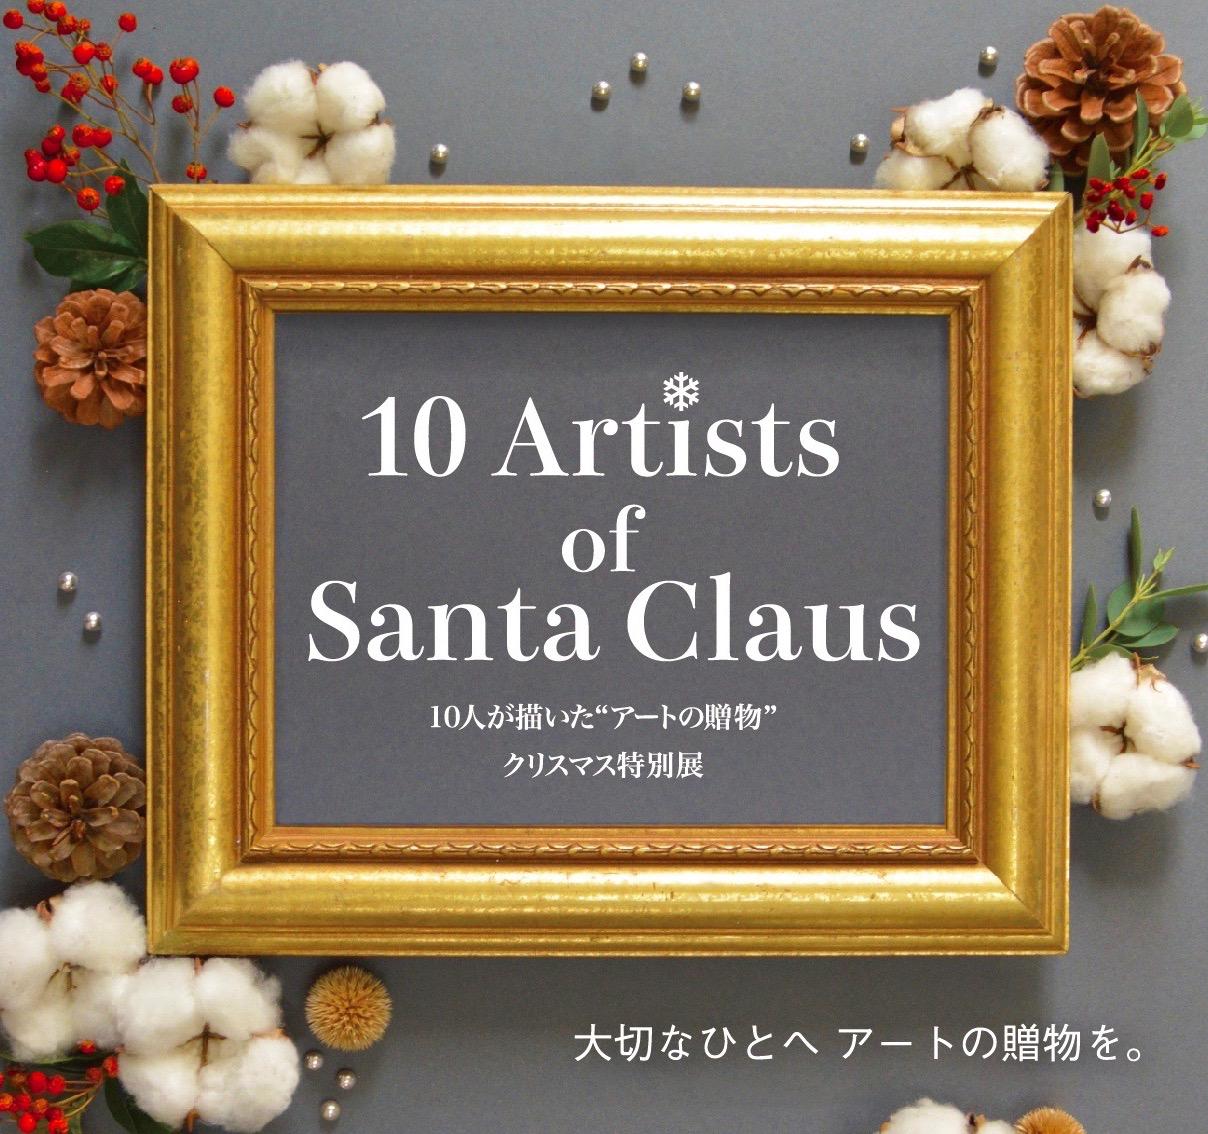 """10人が描いた""""アートの贈物"""" クリスマス特別展"""